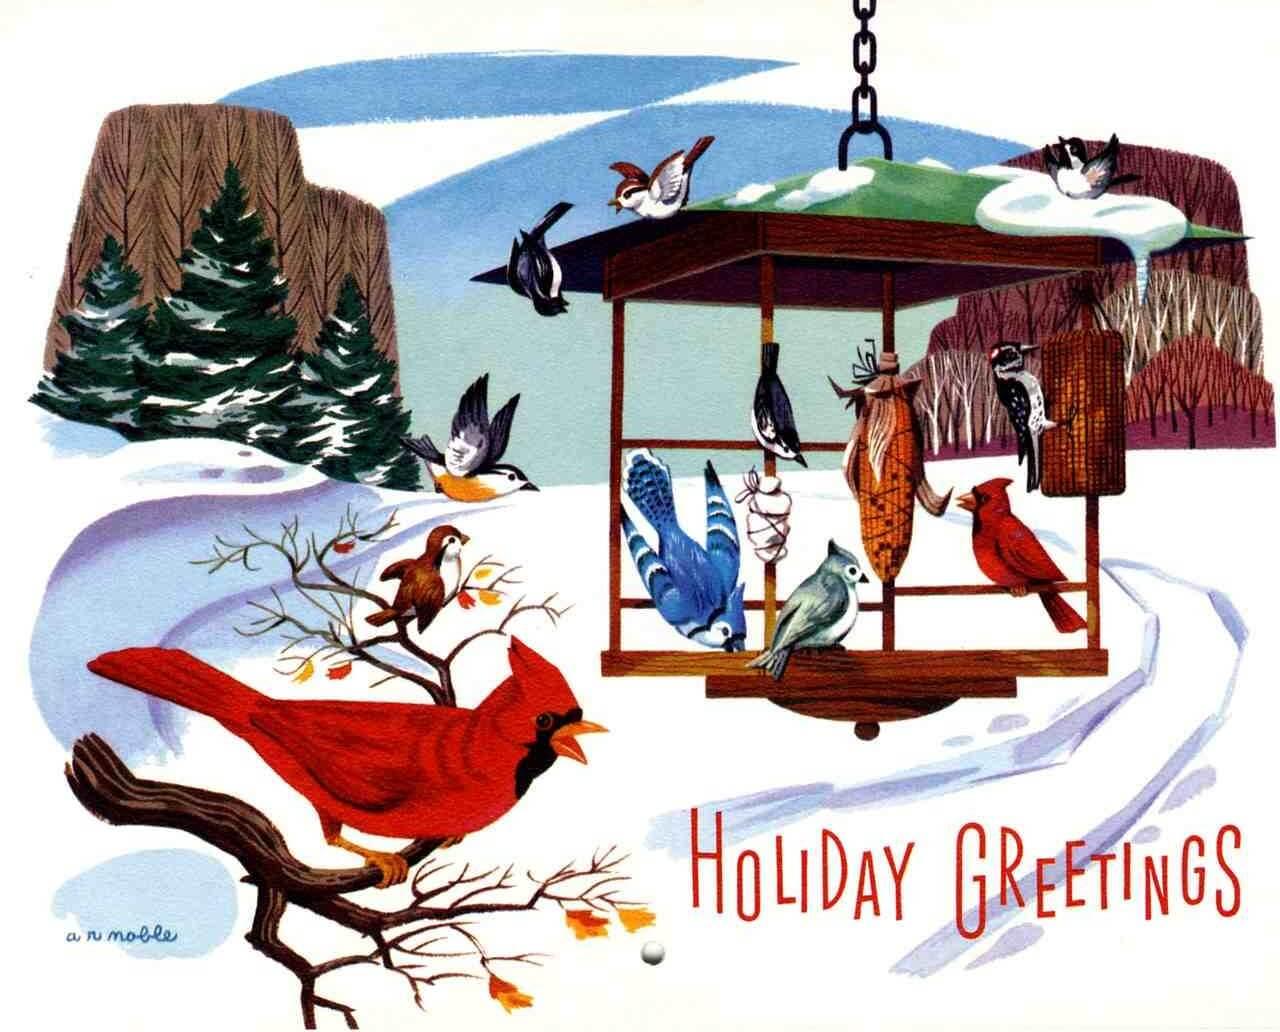 holiday-greetings032.jpg